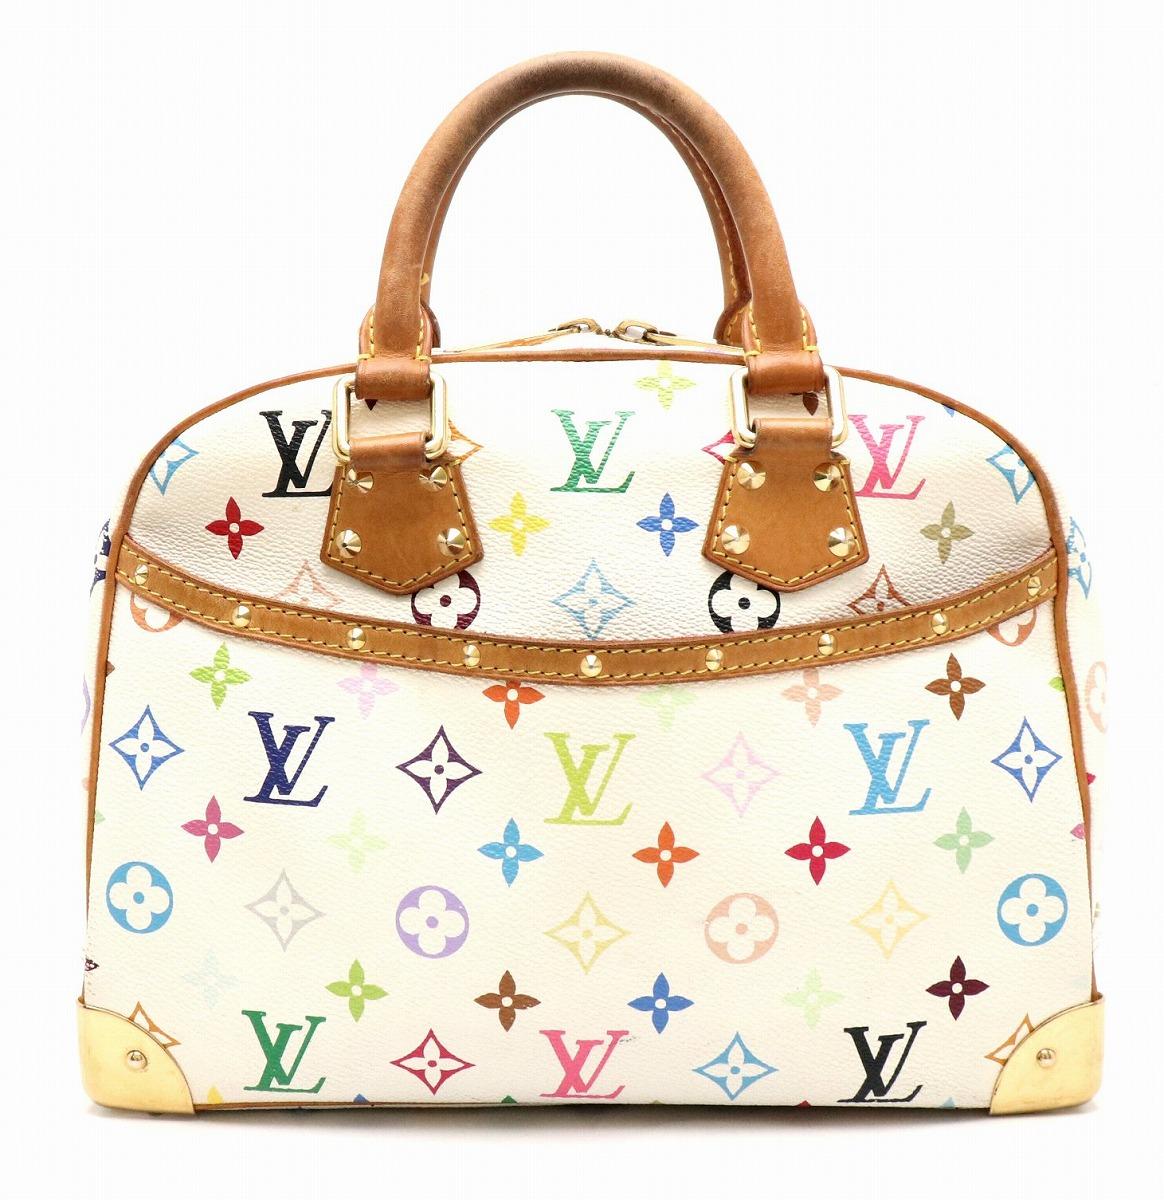 【バッグ】LOUIS VUITTON ルイ ヴィトン モノグラムマルチカラー トゥルーヴィル ハンドバッグ ブロン M92663 【中古】【k】